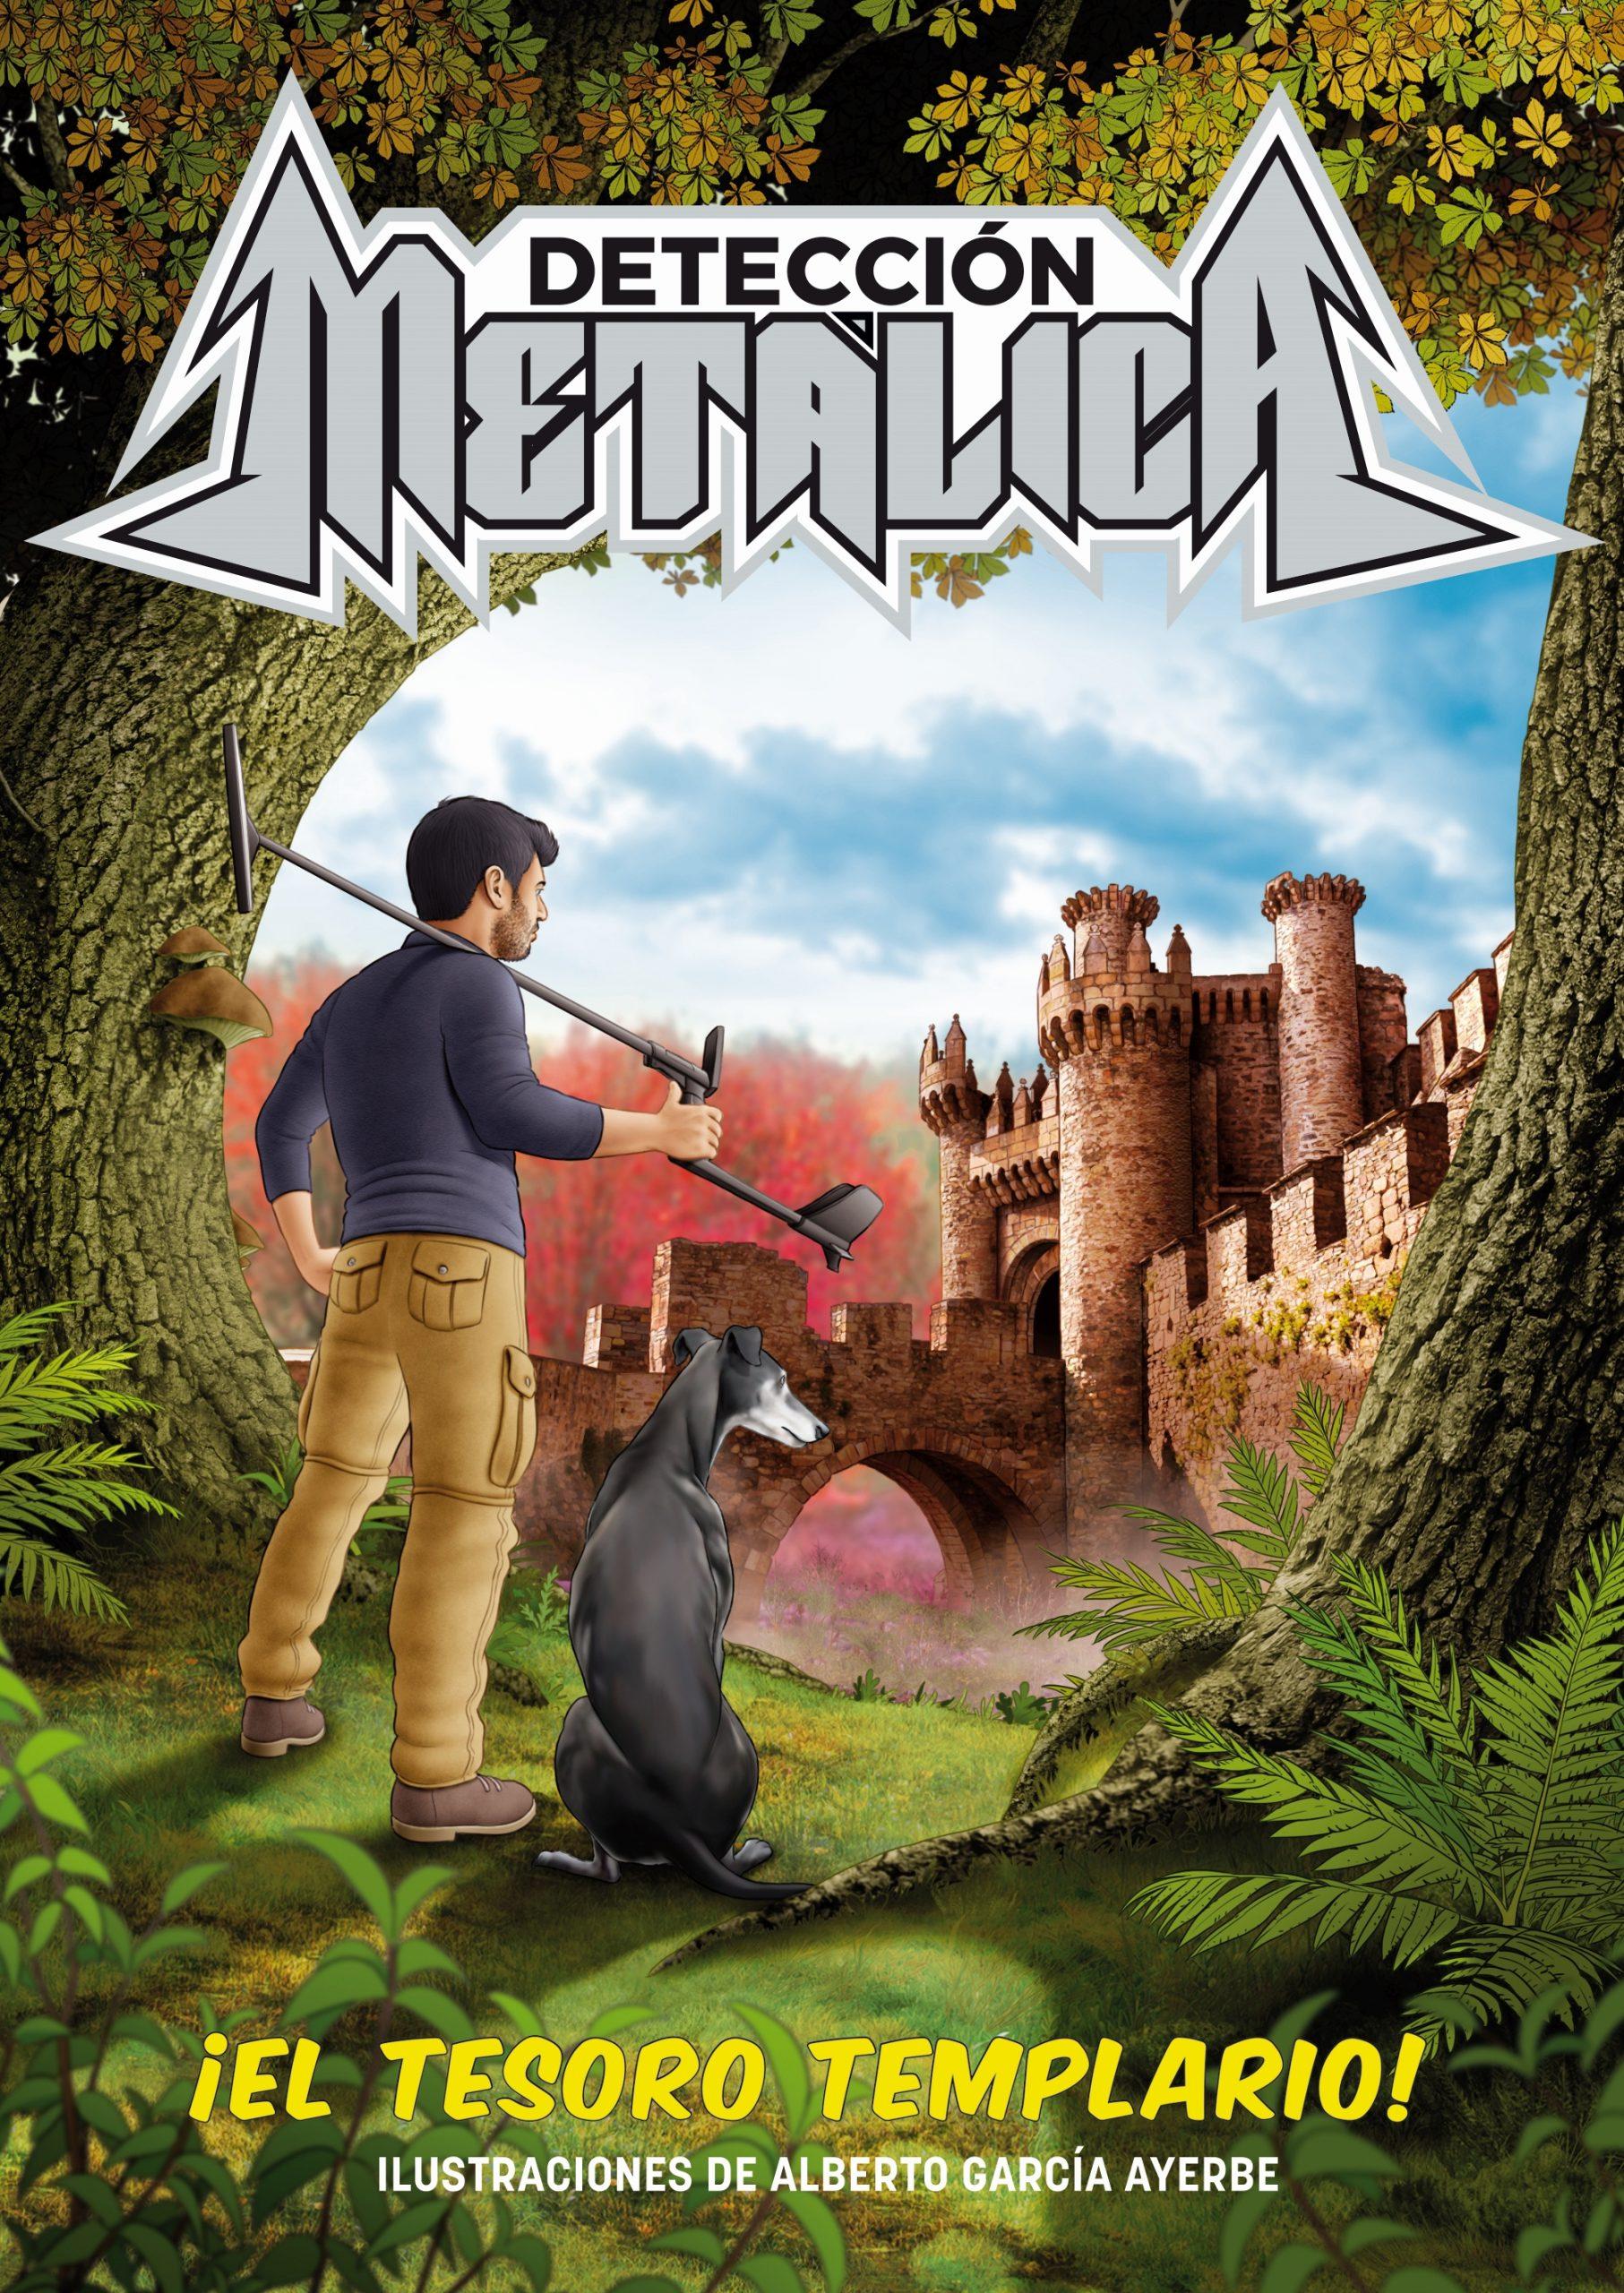 El castillo de Ponferrada portada del libro interactivo 'El tesoro templario' del Youtuber Virgilio García, famoso por su canal 'Detección Metálica' que siguen casi tres millones de personas 1